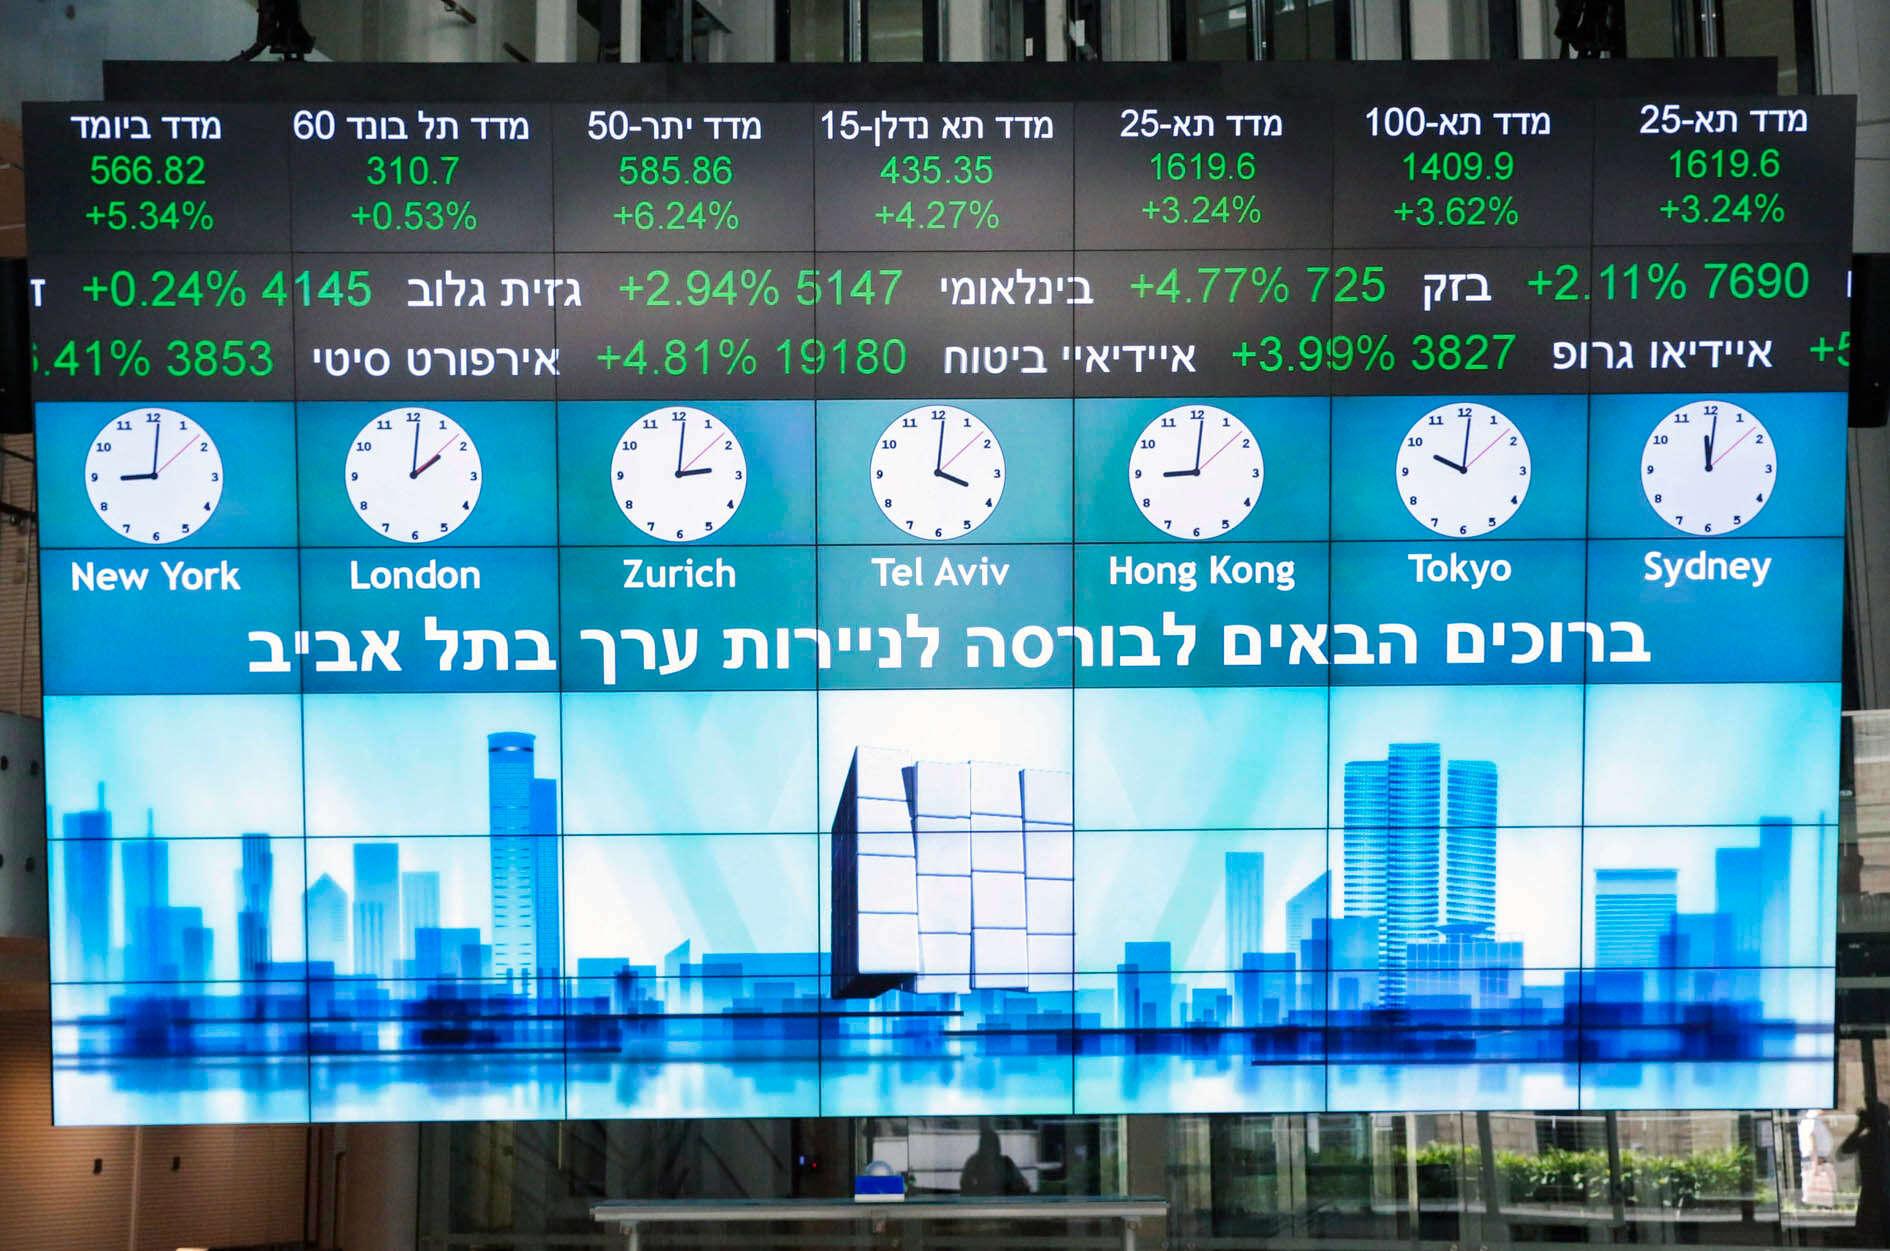 כלכלה מובילה: הצמיחה בישראל גבוהה מברוב העולם